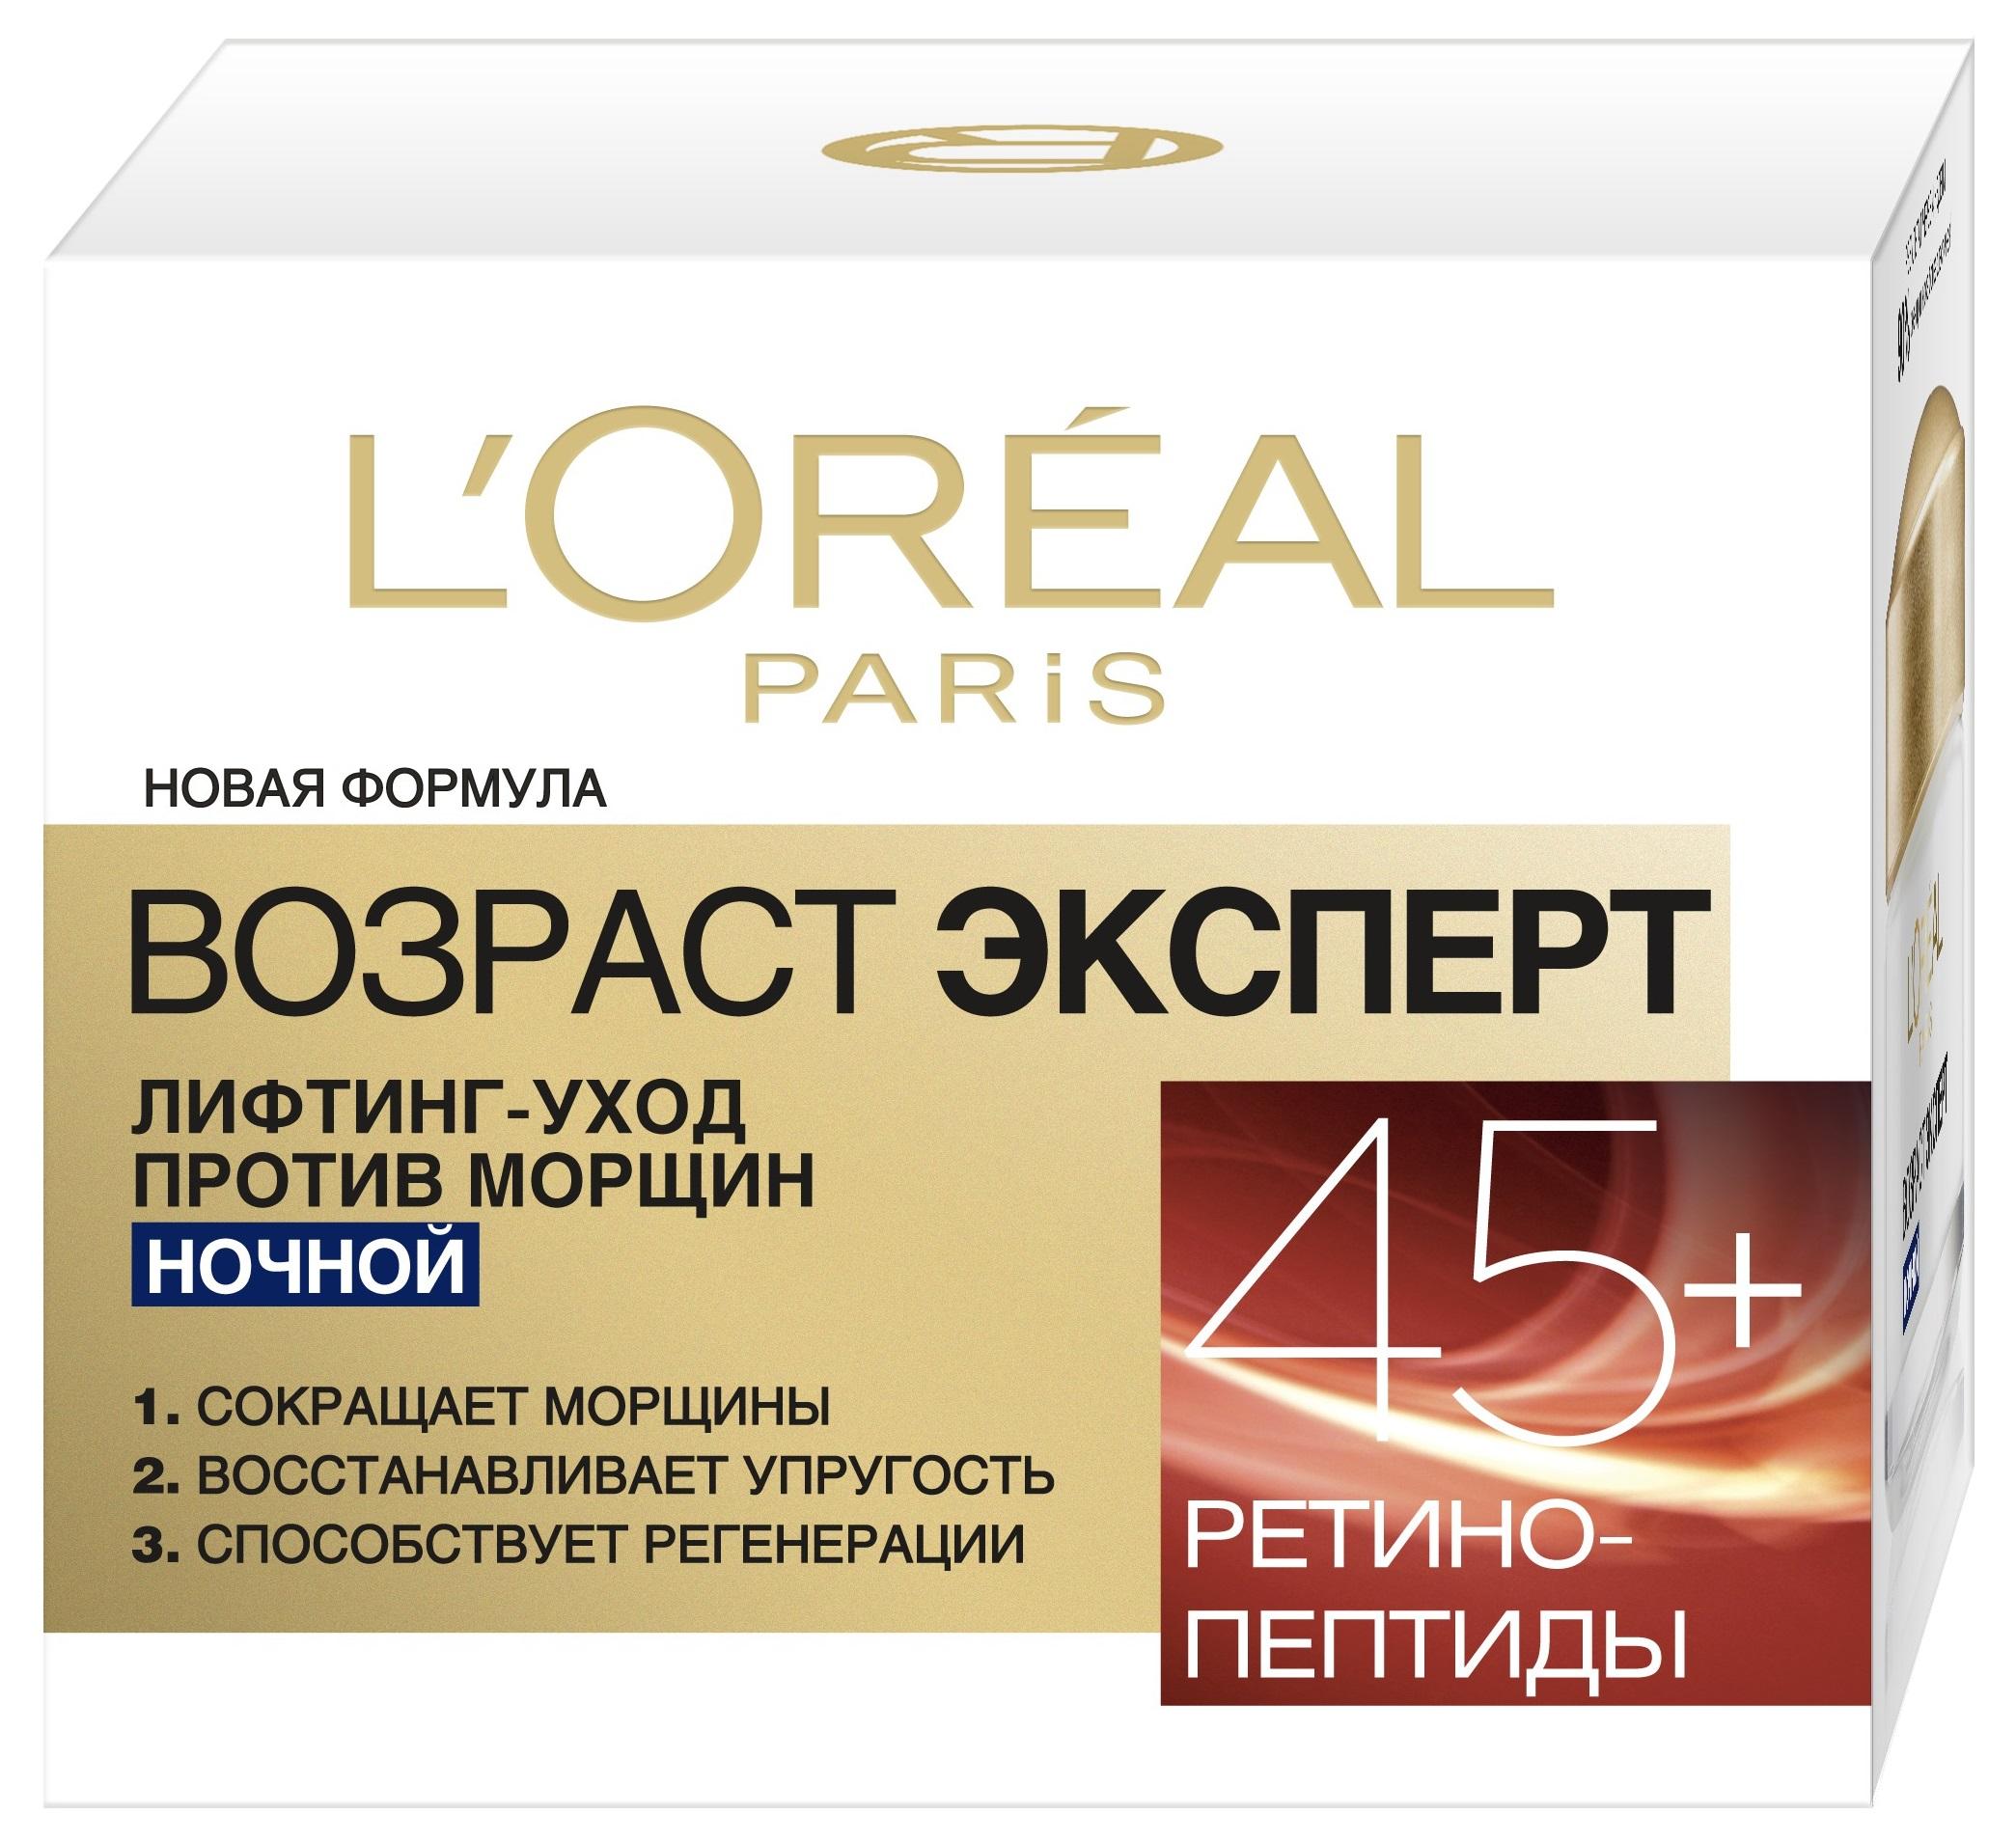 L'Oreal Paris Ночной крем Возраст эксперт 45+, против морщин, лифтинг-уход, 50 мл крем для лица loreal paris возраст эксперт 50 мл ночной a7821100